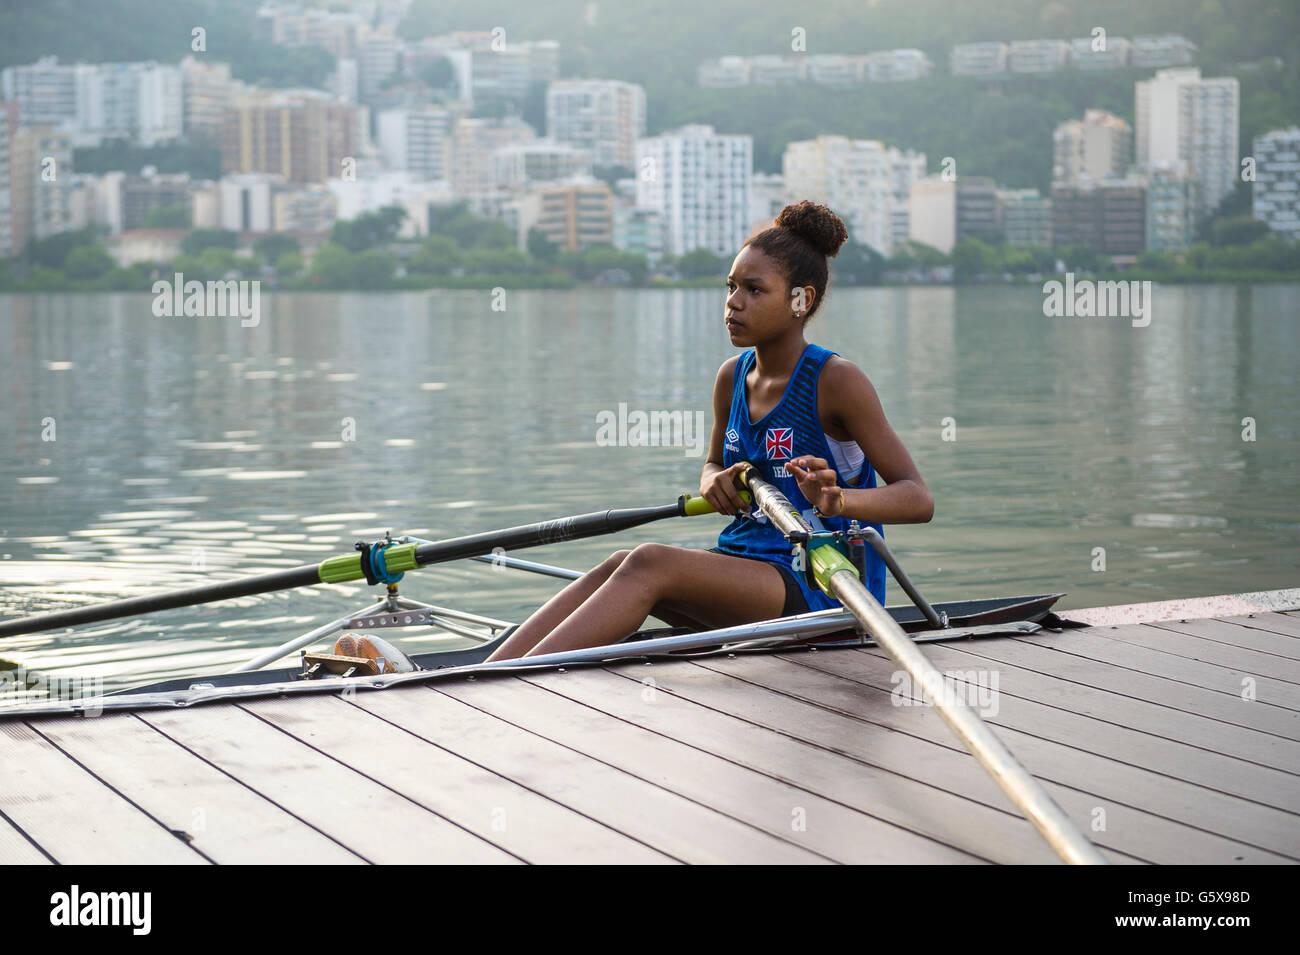 RIO DE JANEIRO - Aprile 1, 2016: un giovane brasiliano carioca rower lancia la sua barca al fianco di un molo a Immagini Stock